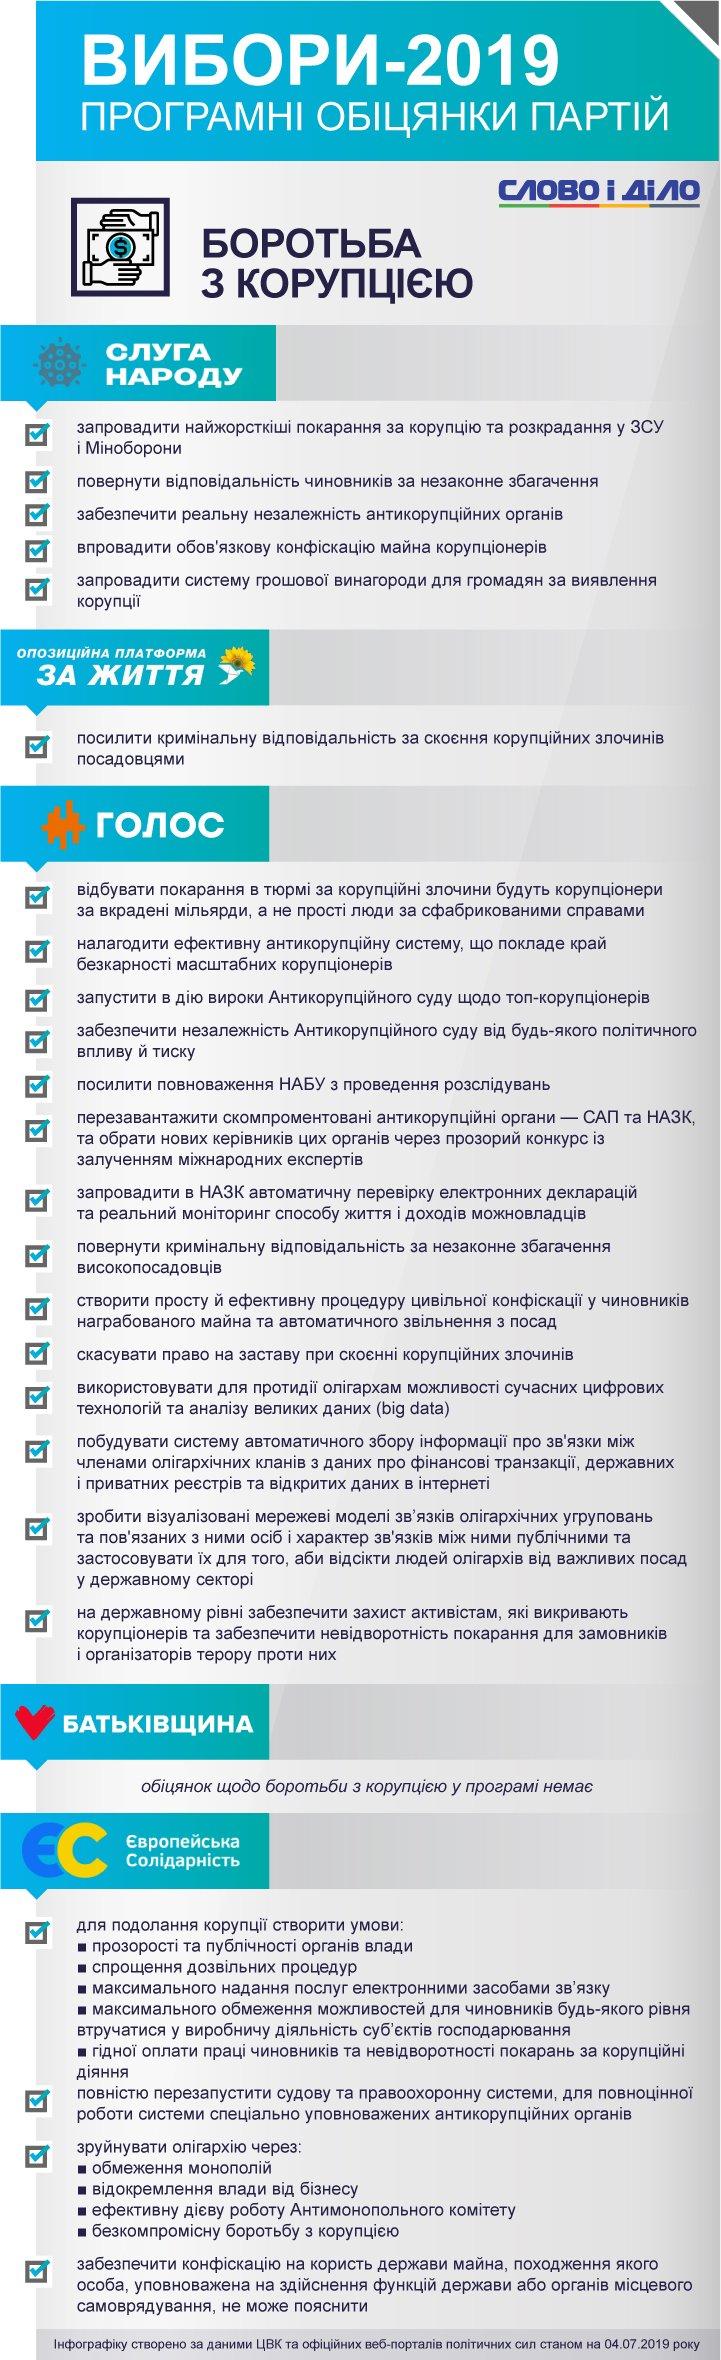 Жодної обіцянки щодо боротьби з корупцією немає в передвиборчій програмі партії Батьківщина.